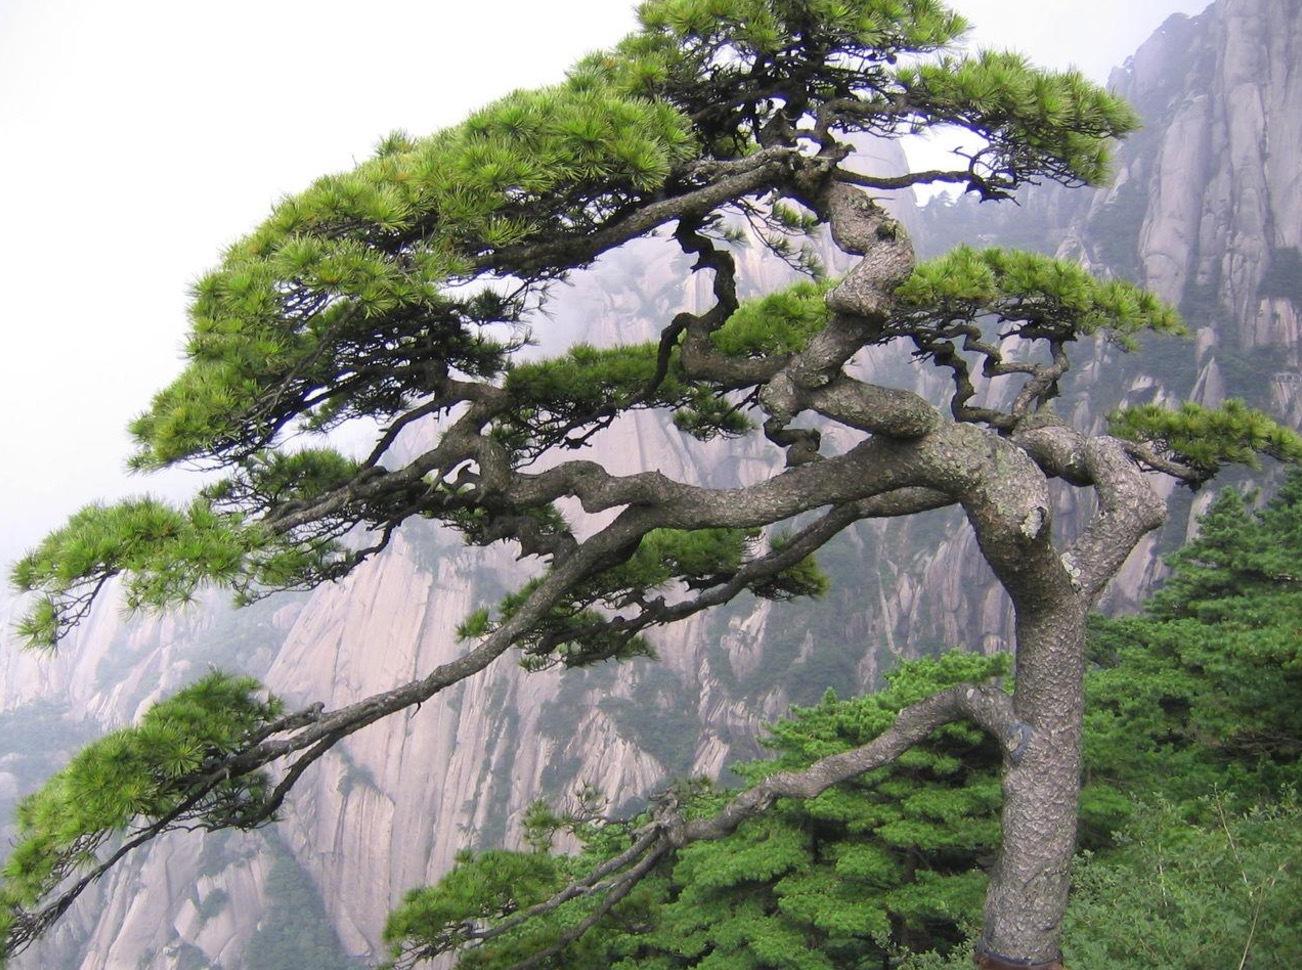 Schweizisk pinjeträd, Pinus densiflora, växer på hög höjd i Schweiz.